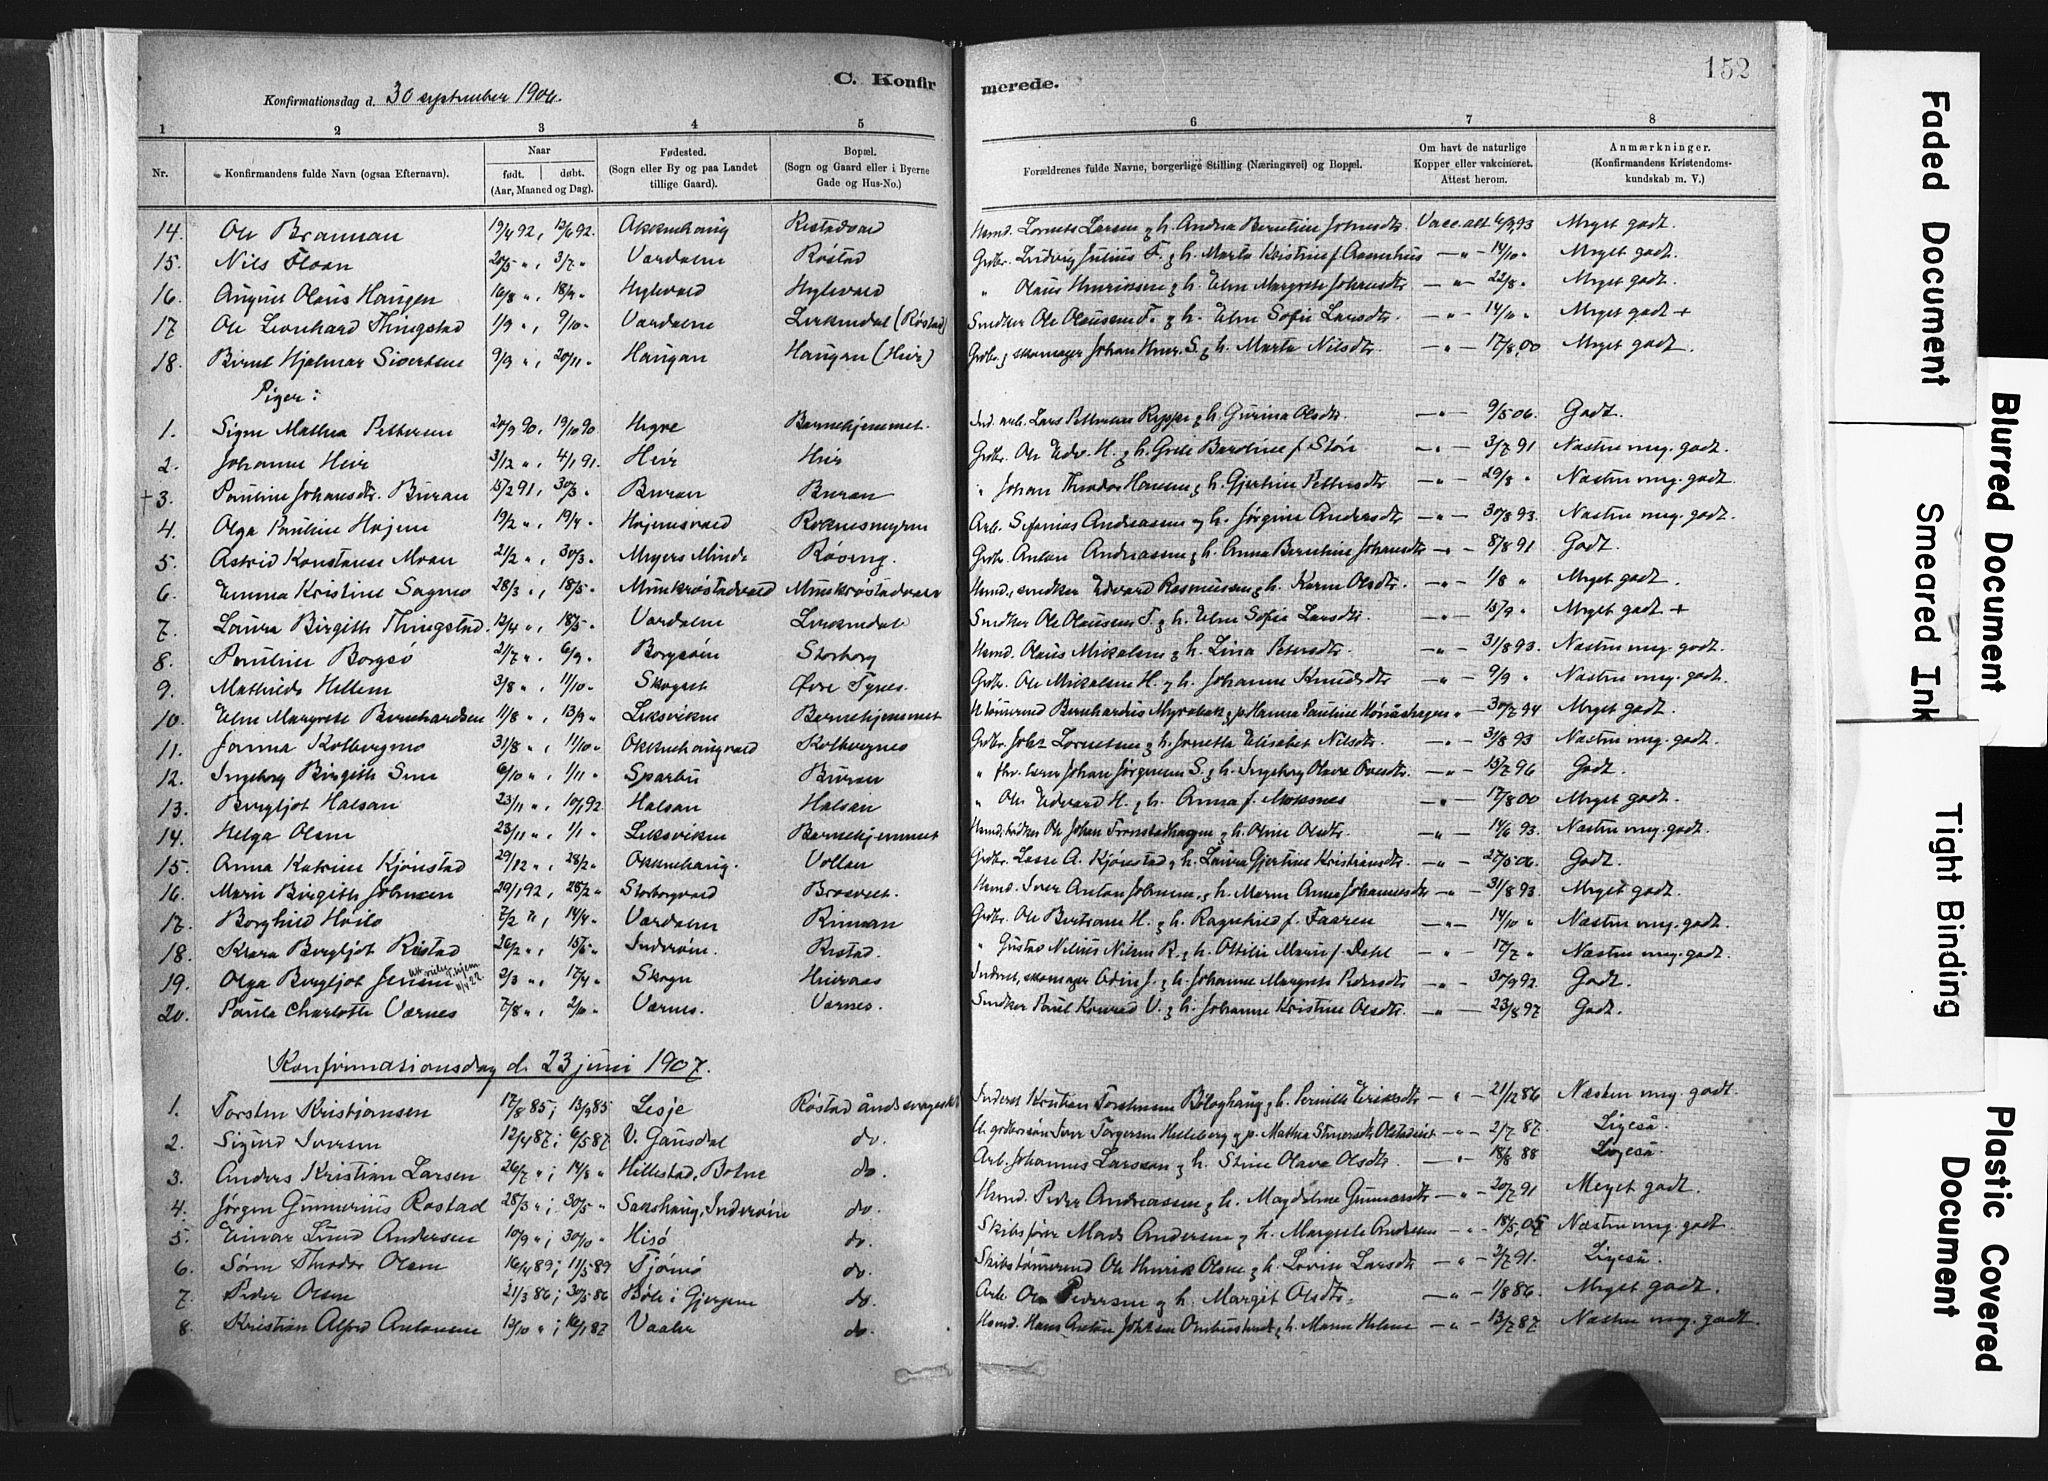 SAT, Ministerialprotokoller, klokkerbøker og fødselsregistre - Nord-Trøndelag, 721/L0207: Ministerialbok nr. 721A02, 1880-1911, s. 152